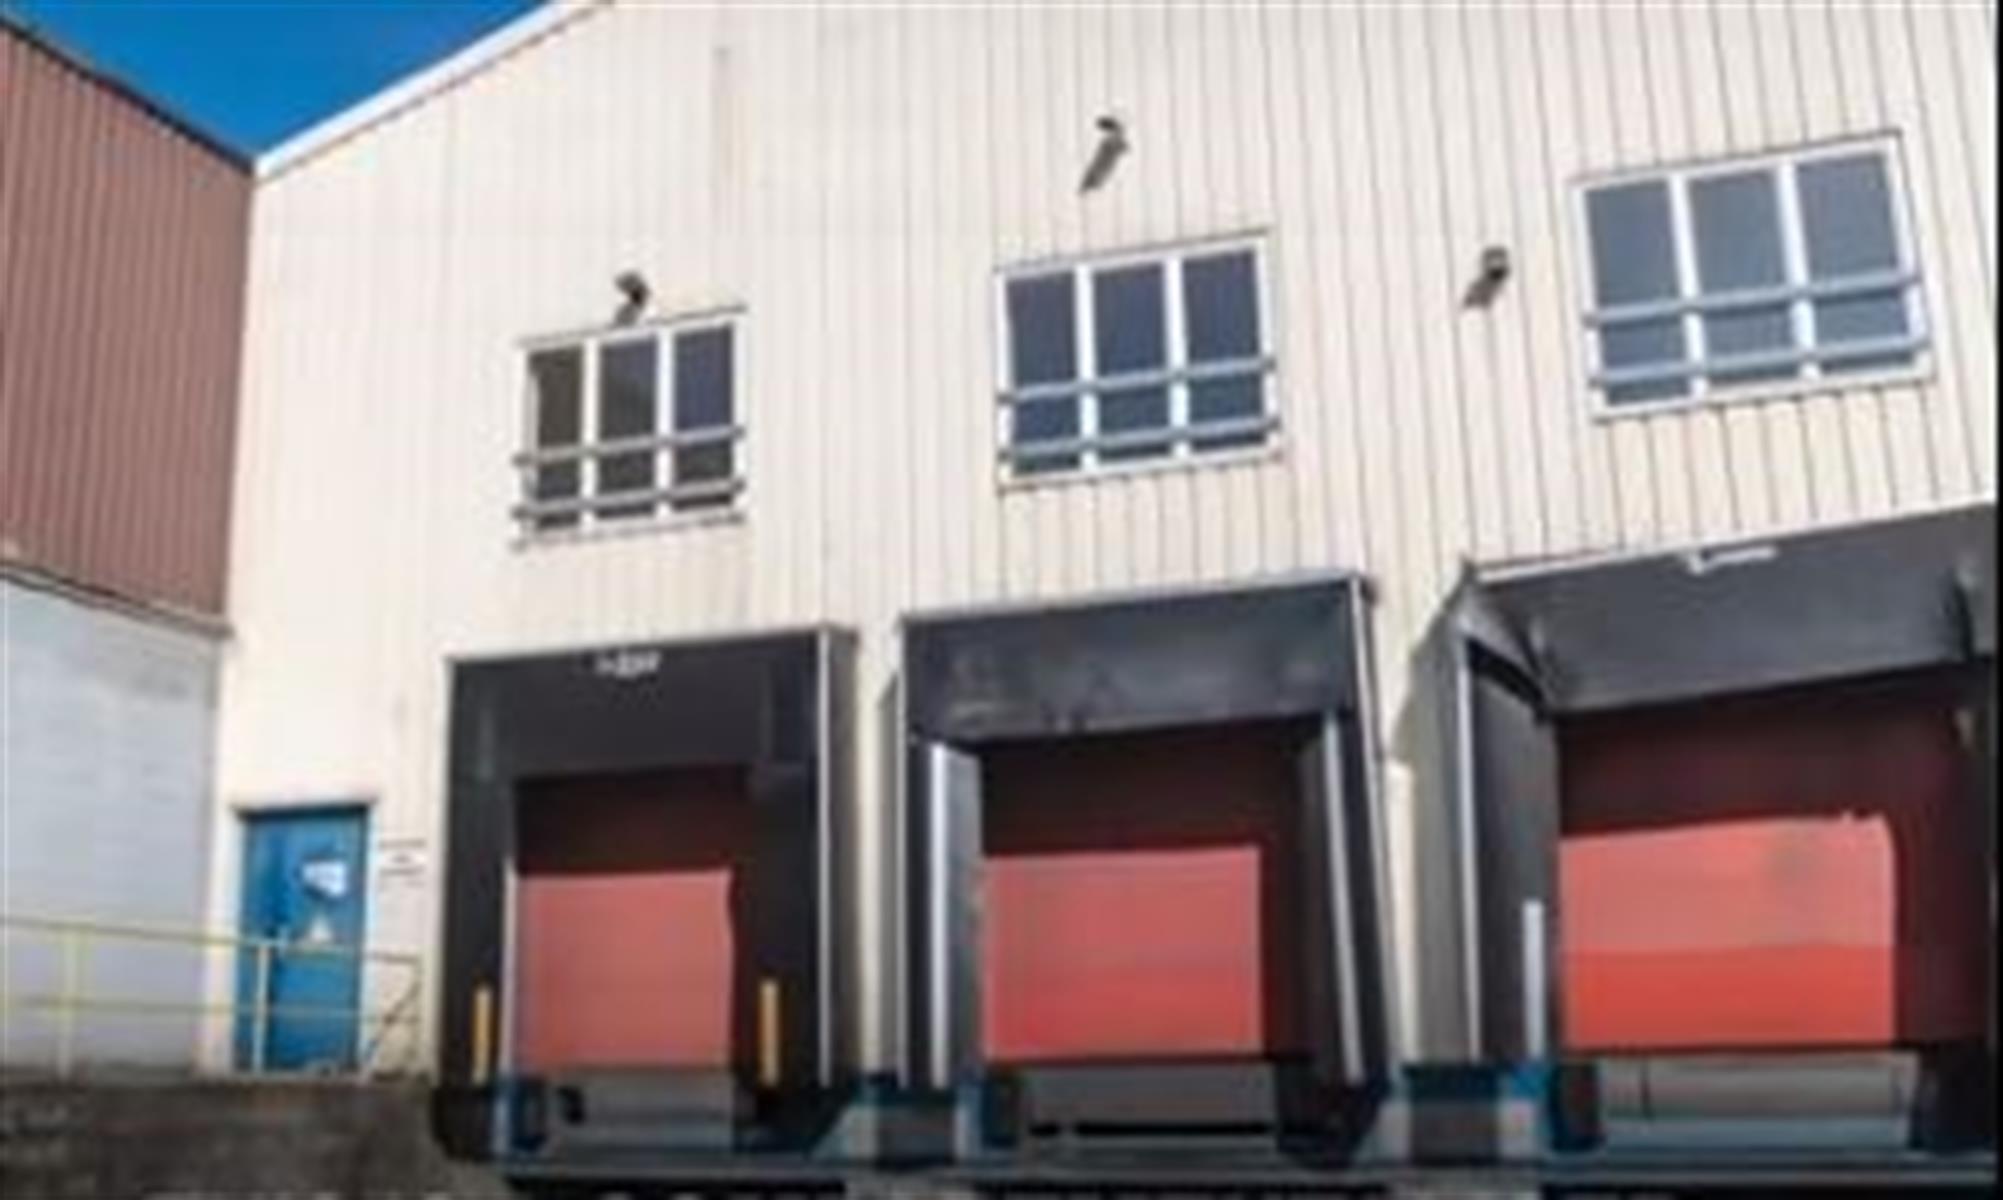 gebouw voor gemengd gebruik te huur Cargovil UNIT 2 : magazijn  1255m² met 2 loading docks Willem Elsschotstraat 1